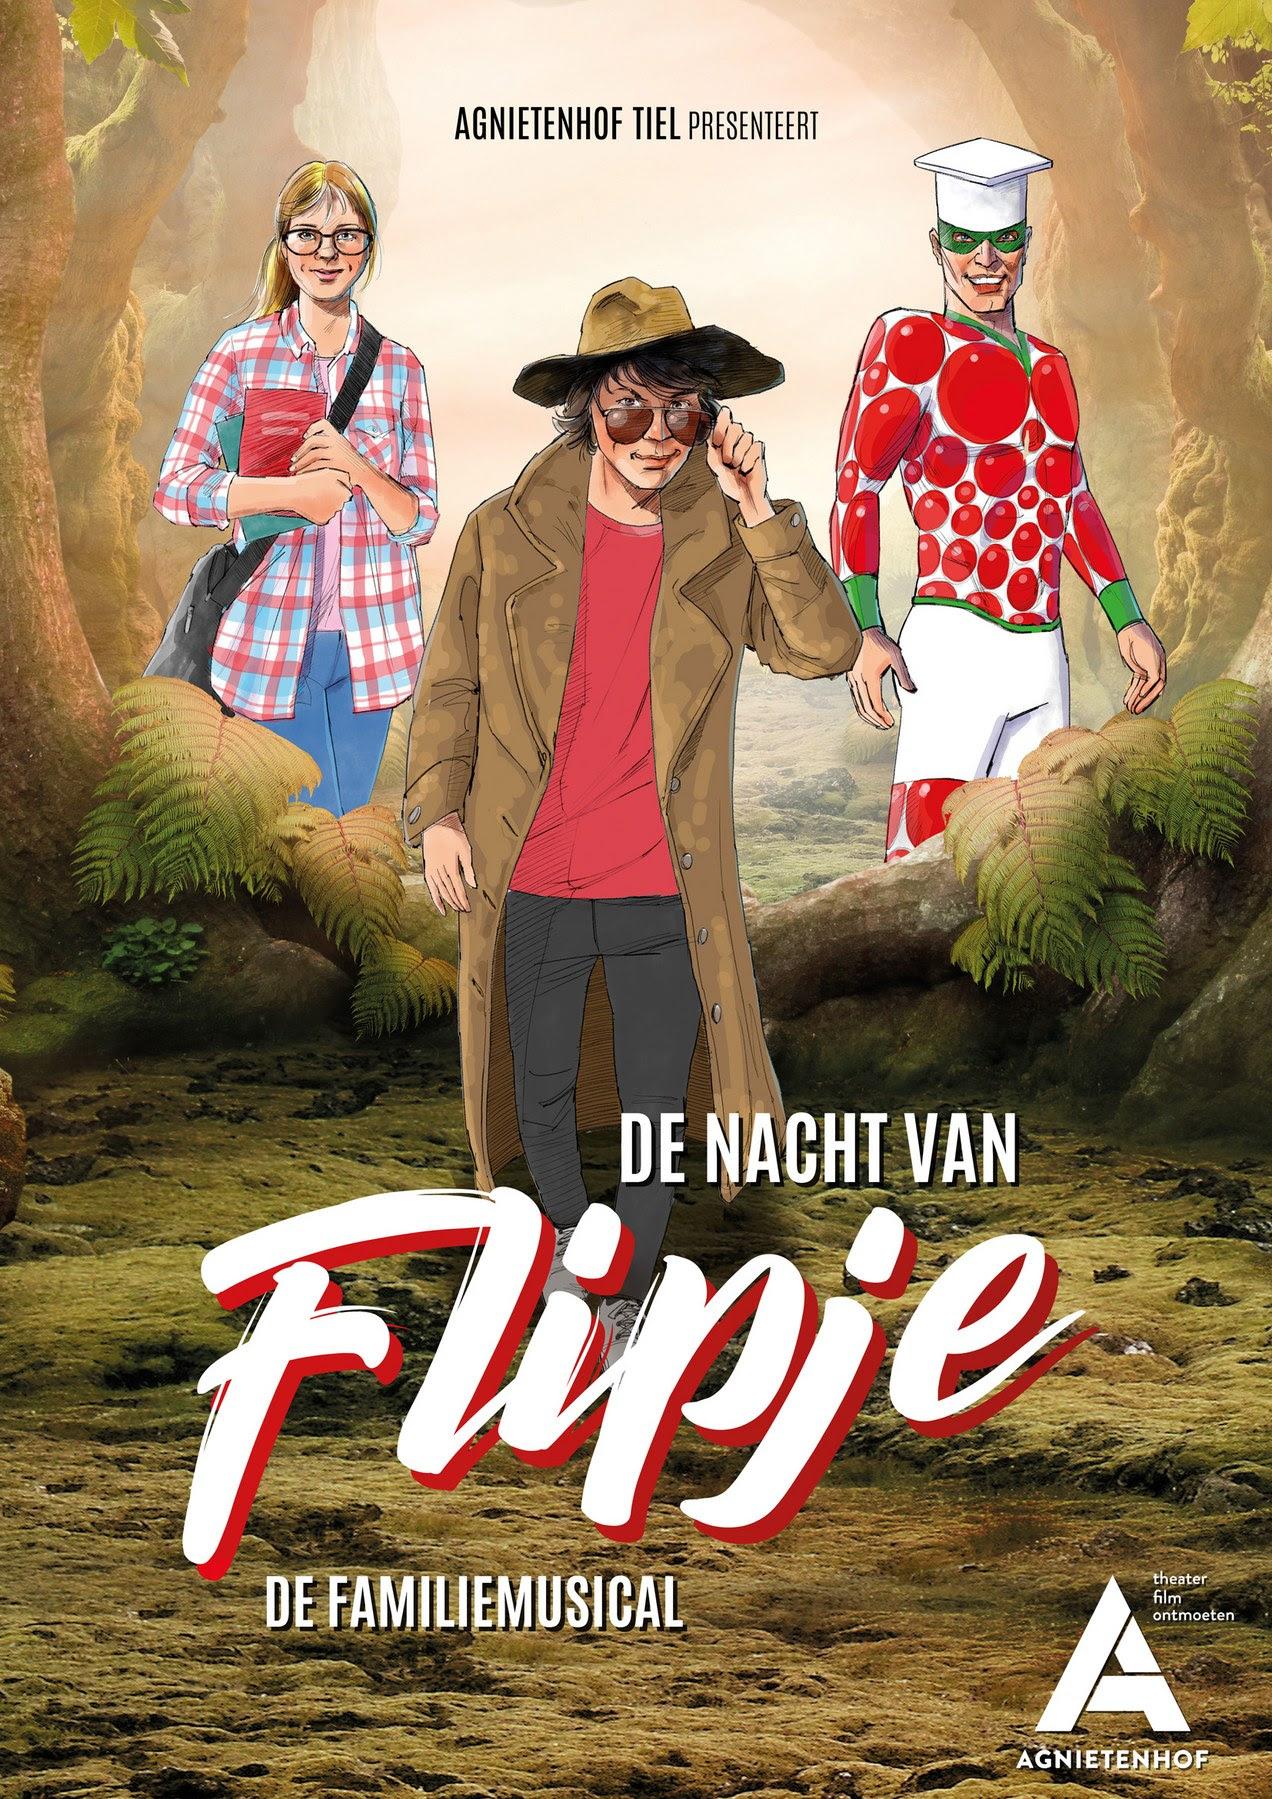 Speciale voorstelling 'De Nacht van Flipje' met gebarentolken